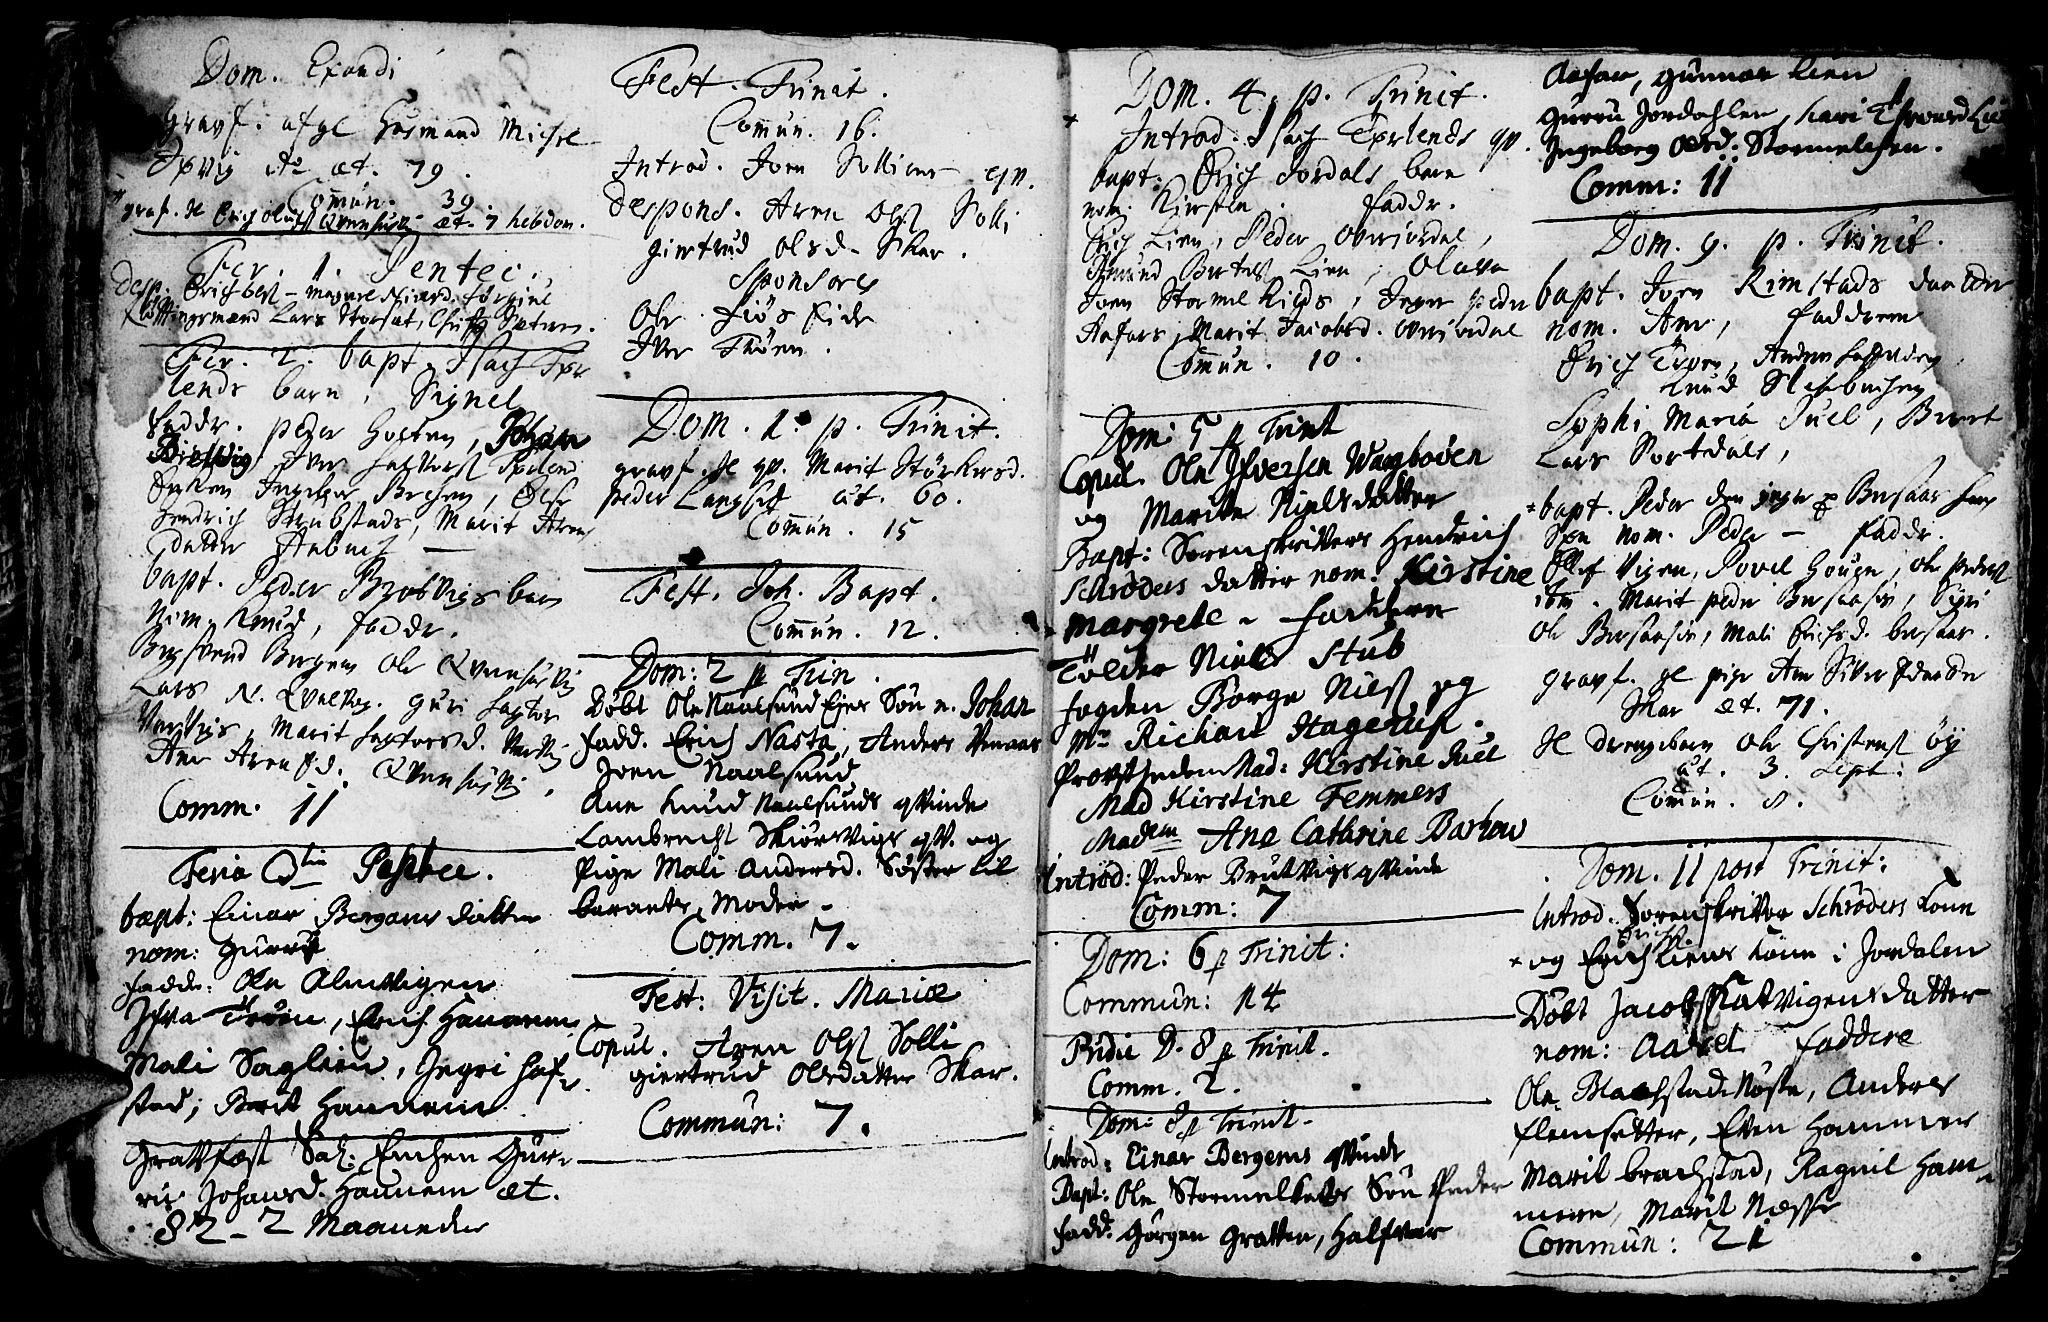 SAT, Ministerialprotokoller, klokkerbøker og fødselsregistre - Møre og Romsdal, 586/L0977: Parish register (official) no. 586A03, 1706-1731